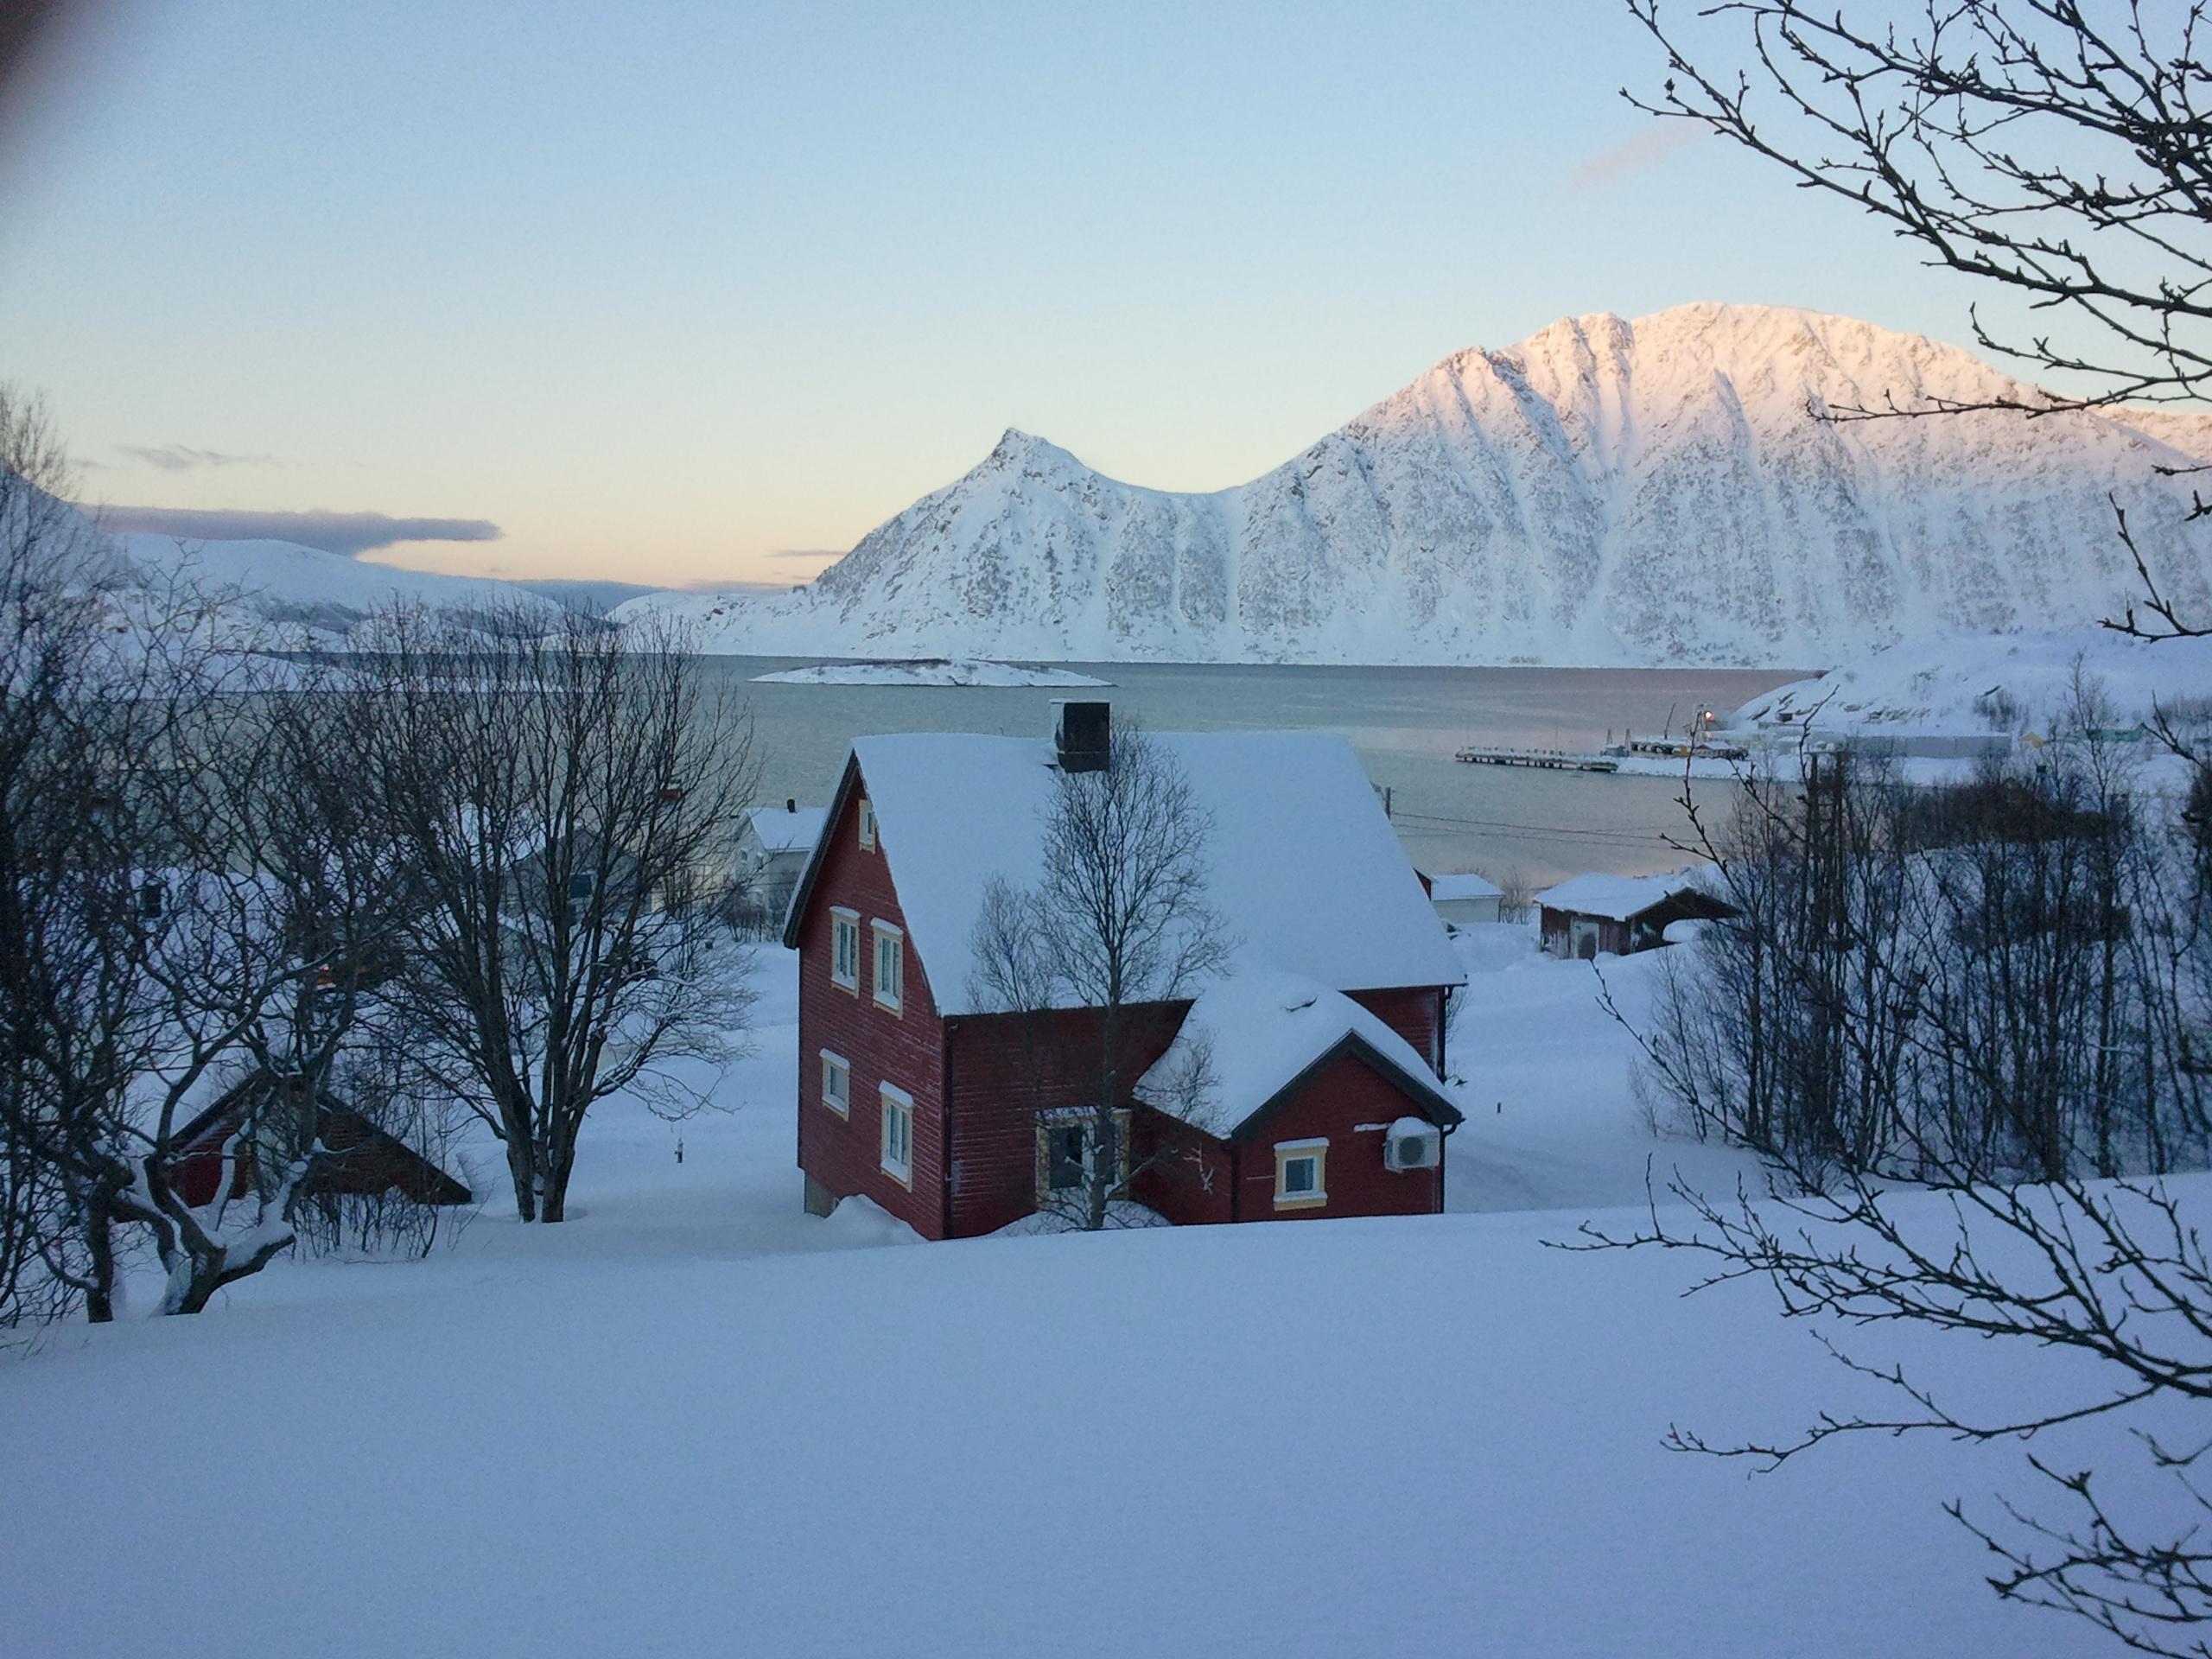 norge i kart og bilder Berit og Jarles hjemmeside norge i kart og bilder